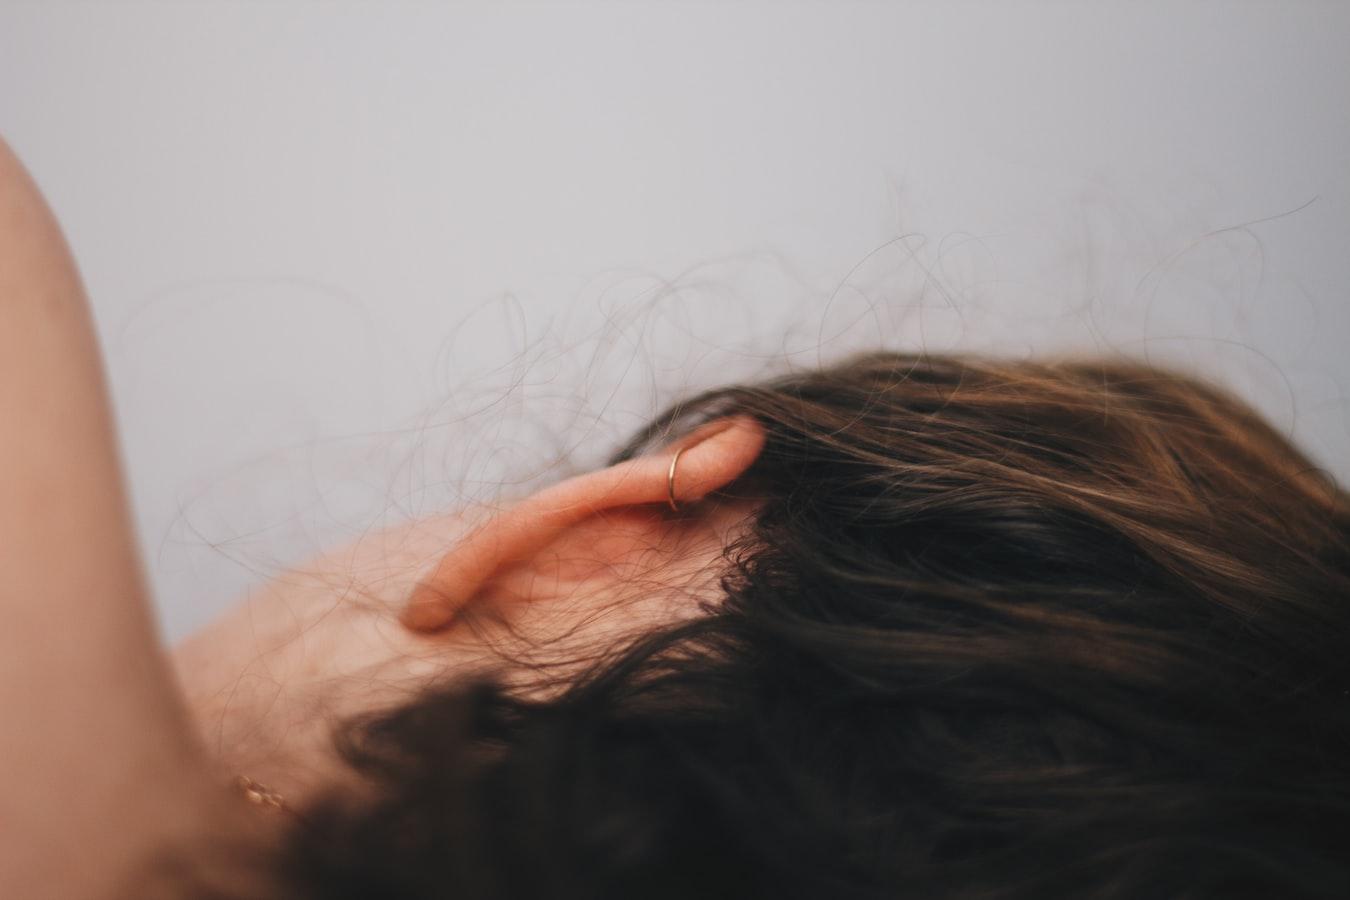 Hinterkopf einer Person mit braunem, langen Haar und Ohrpiercing